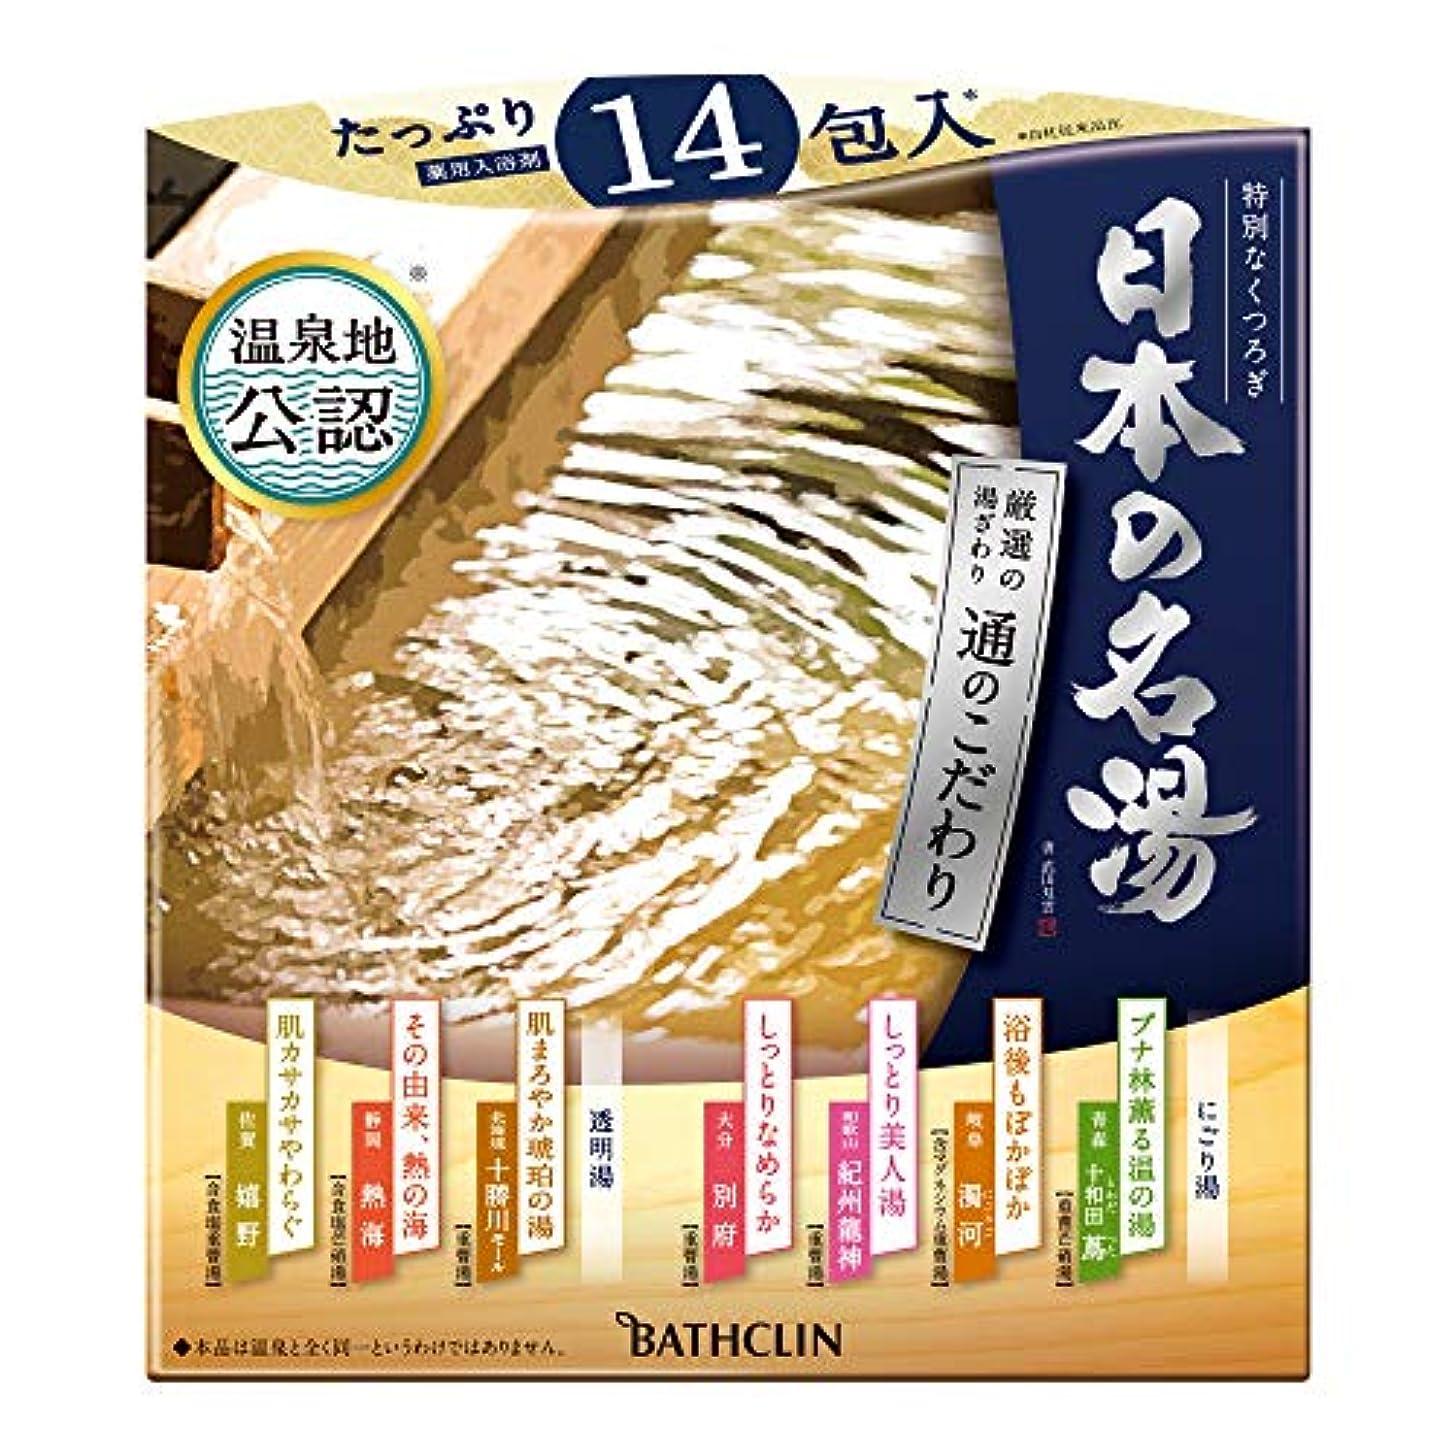 打撃取り囲む日日本の名湯 通のこだわり 入浴剤 色と香りで情緒を表現した温泉タイプ入浴剤 セット 30g×14包